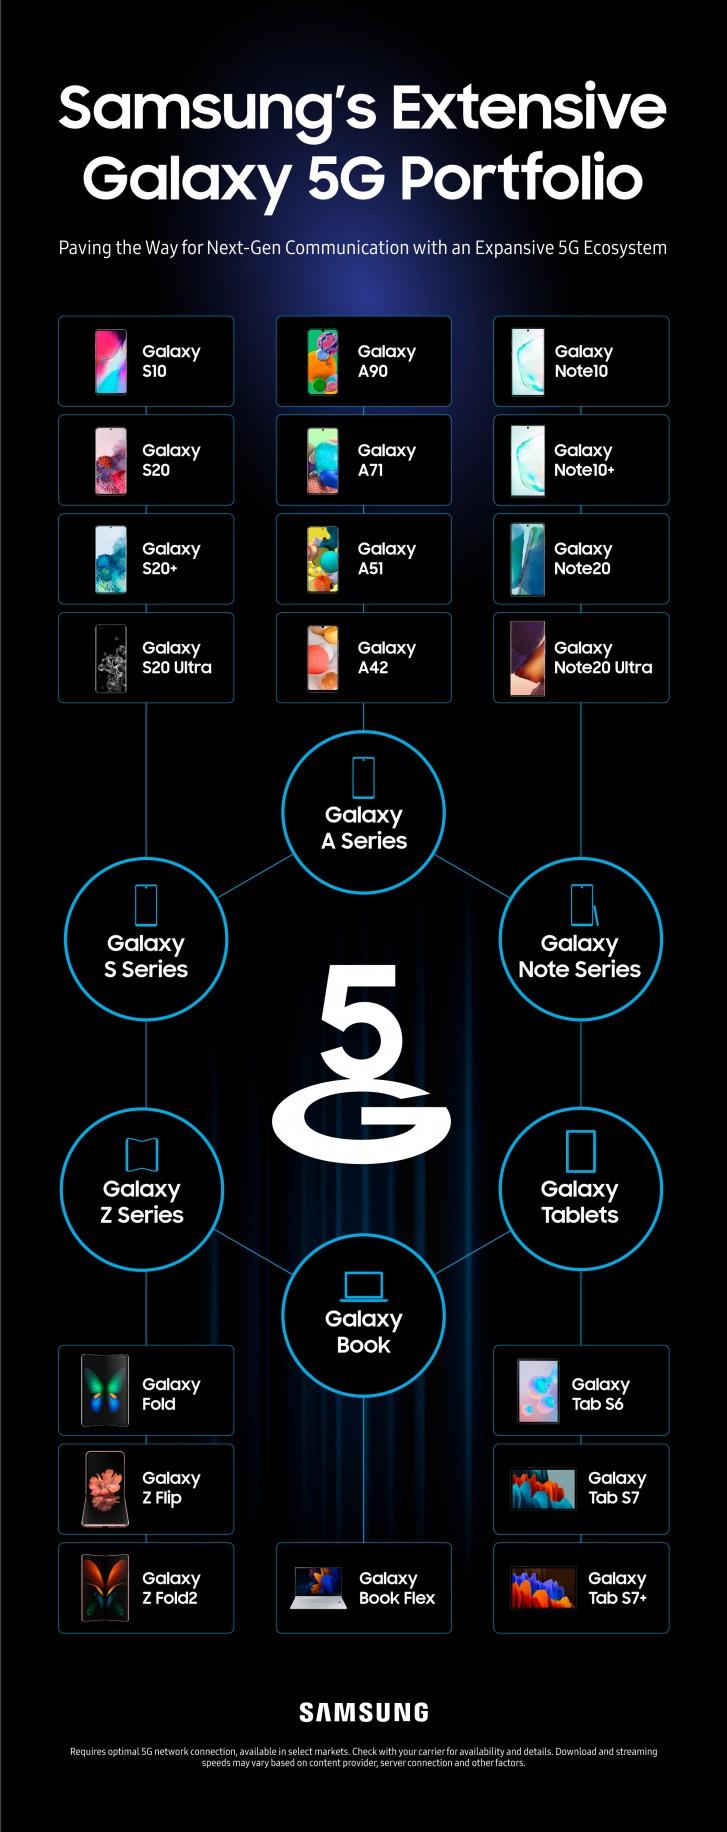 L'infographie cartographie tous les appareils 5G lancés par Samsung jusqu'à présent